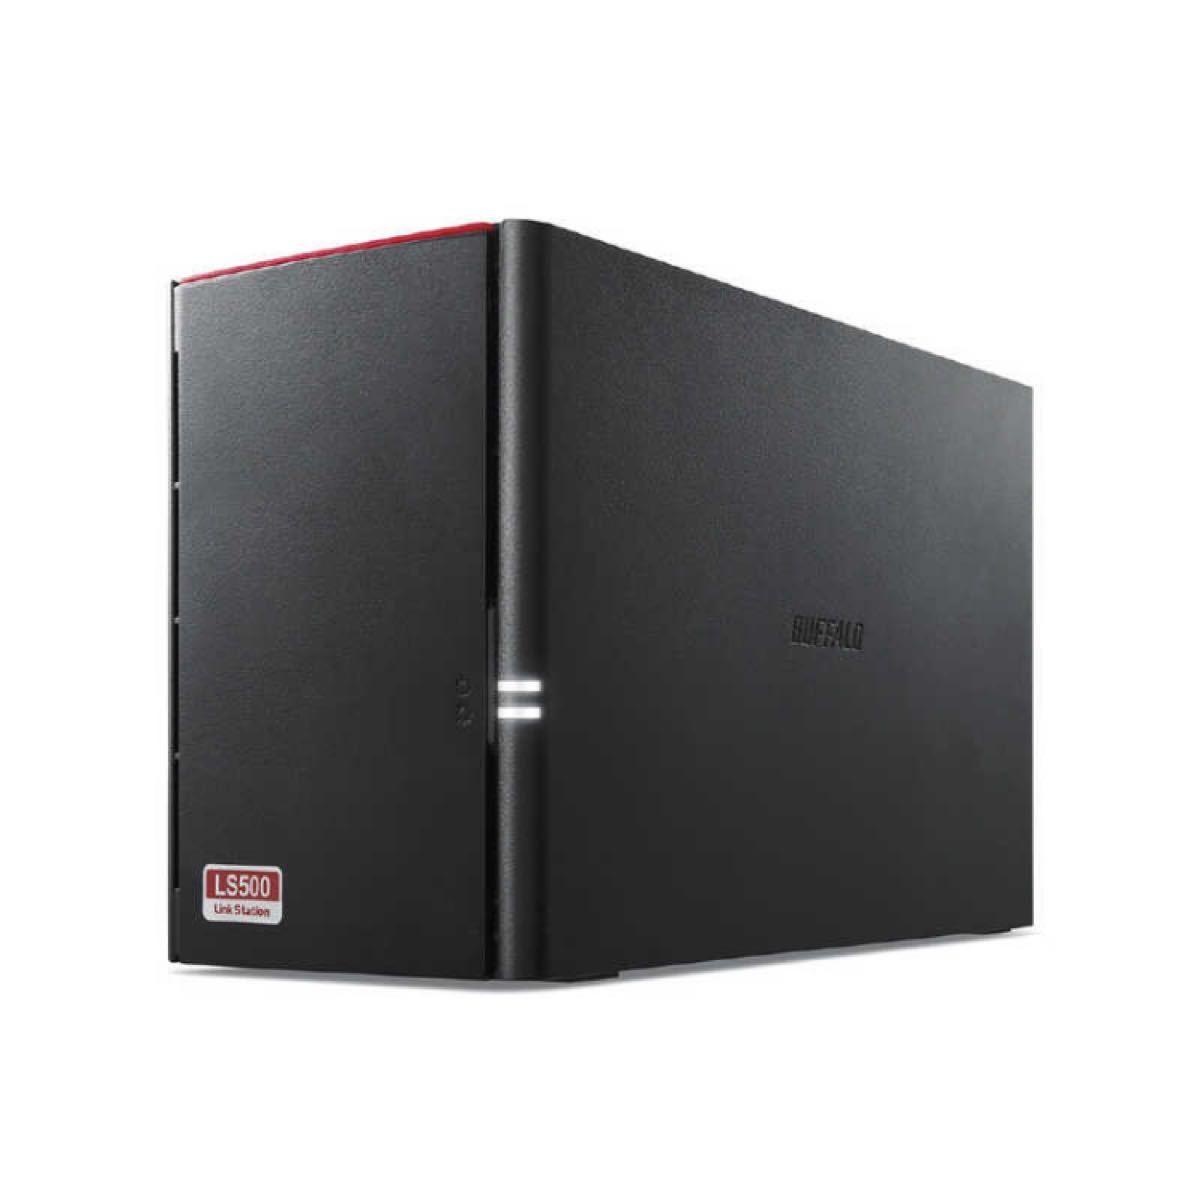 BUFFALO 2ベイ8TBネットワークHDDバッファローLS520D0802G リンクステーションLinkStation NAS